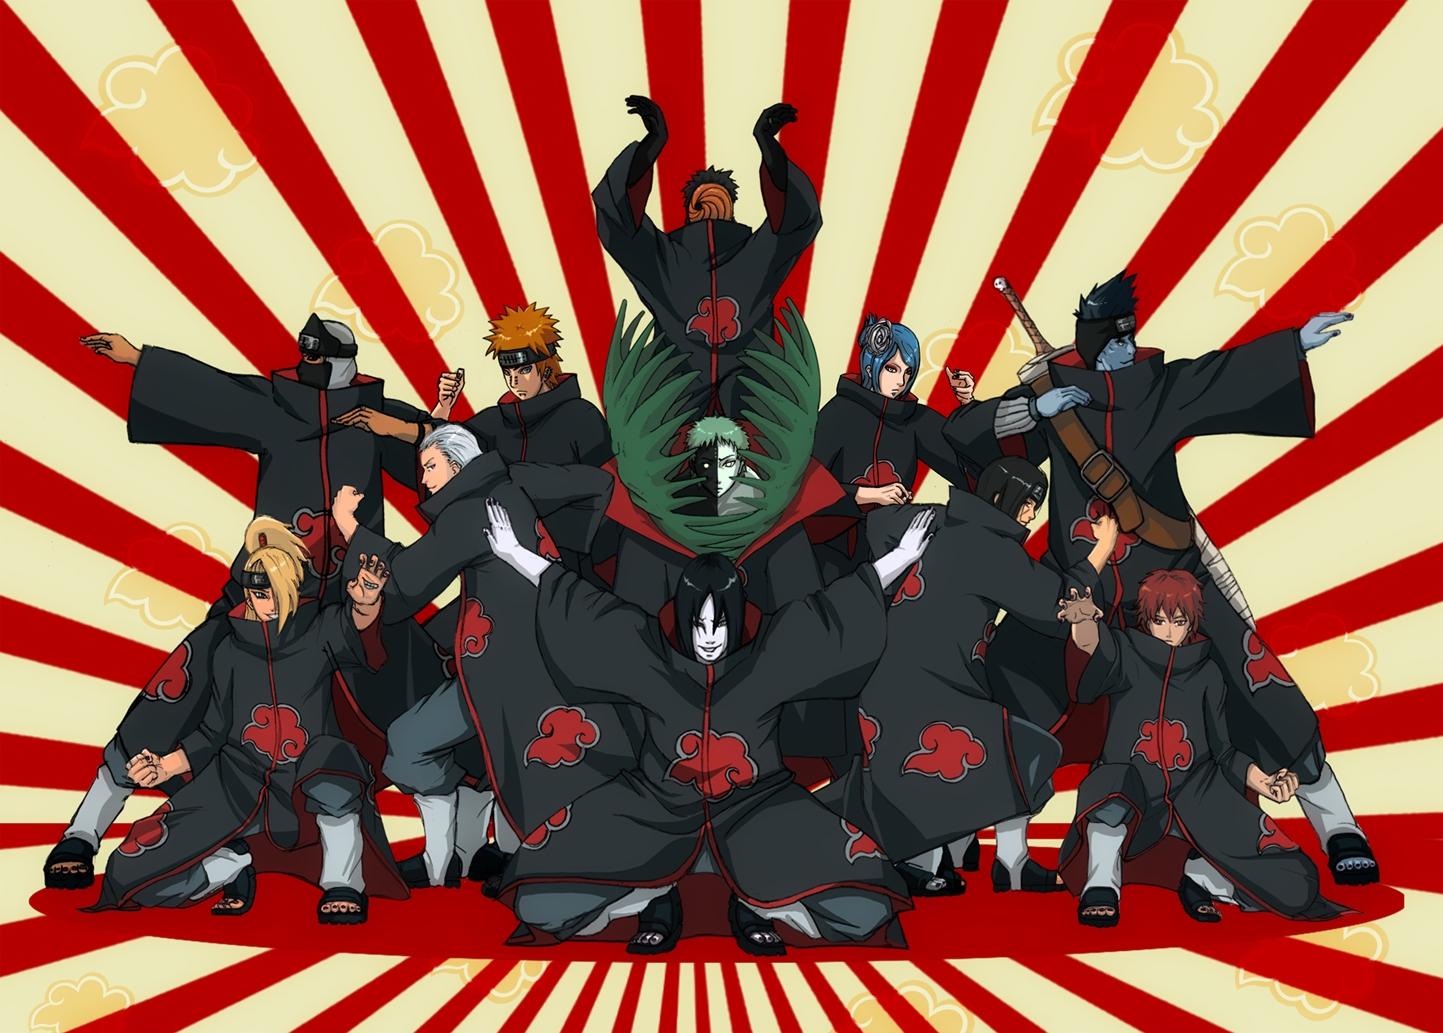 http://1.bp.blogspot.com/-XdAyOqJ33AQ/T-nUwMi-y1I/AAAAAAAAAQI/0oXsKKsKo0M/s1600/Naruto-wallpapers-akatsuki-fight-best-hd-quality-wallpaper.jpg